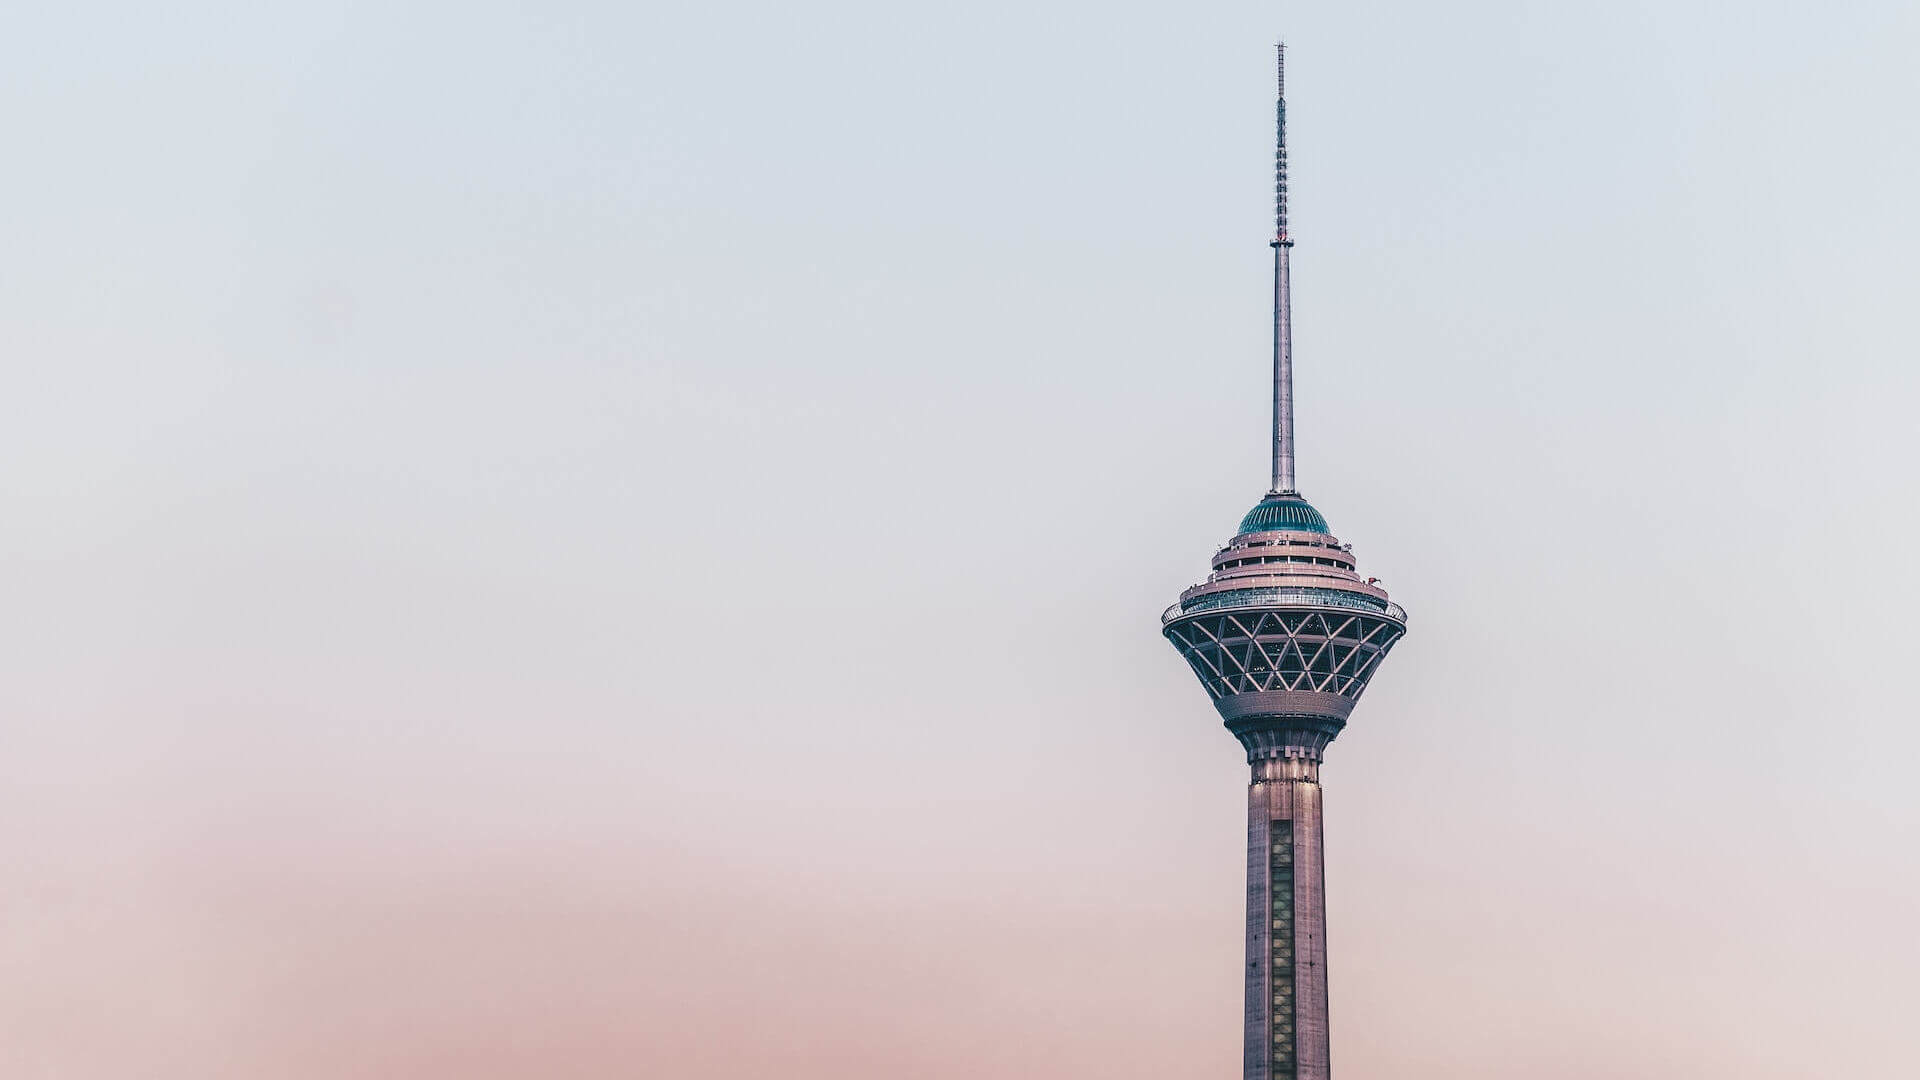 Hoge toren in het centrum van Teheran